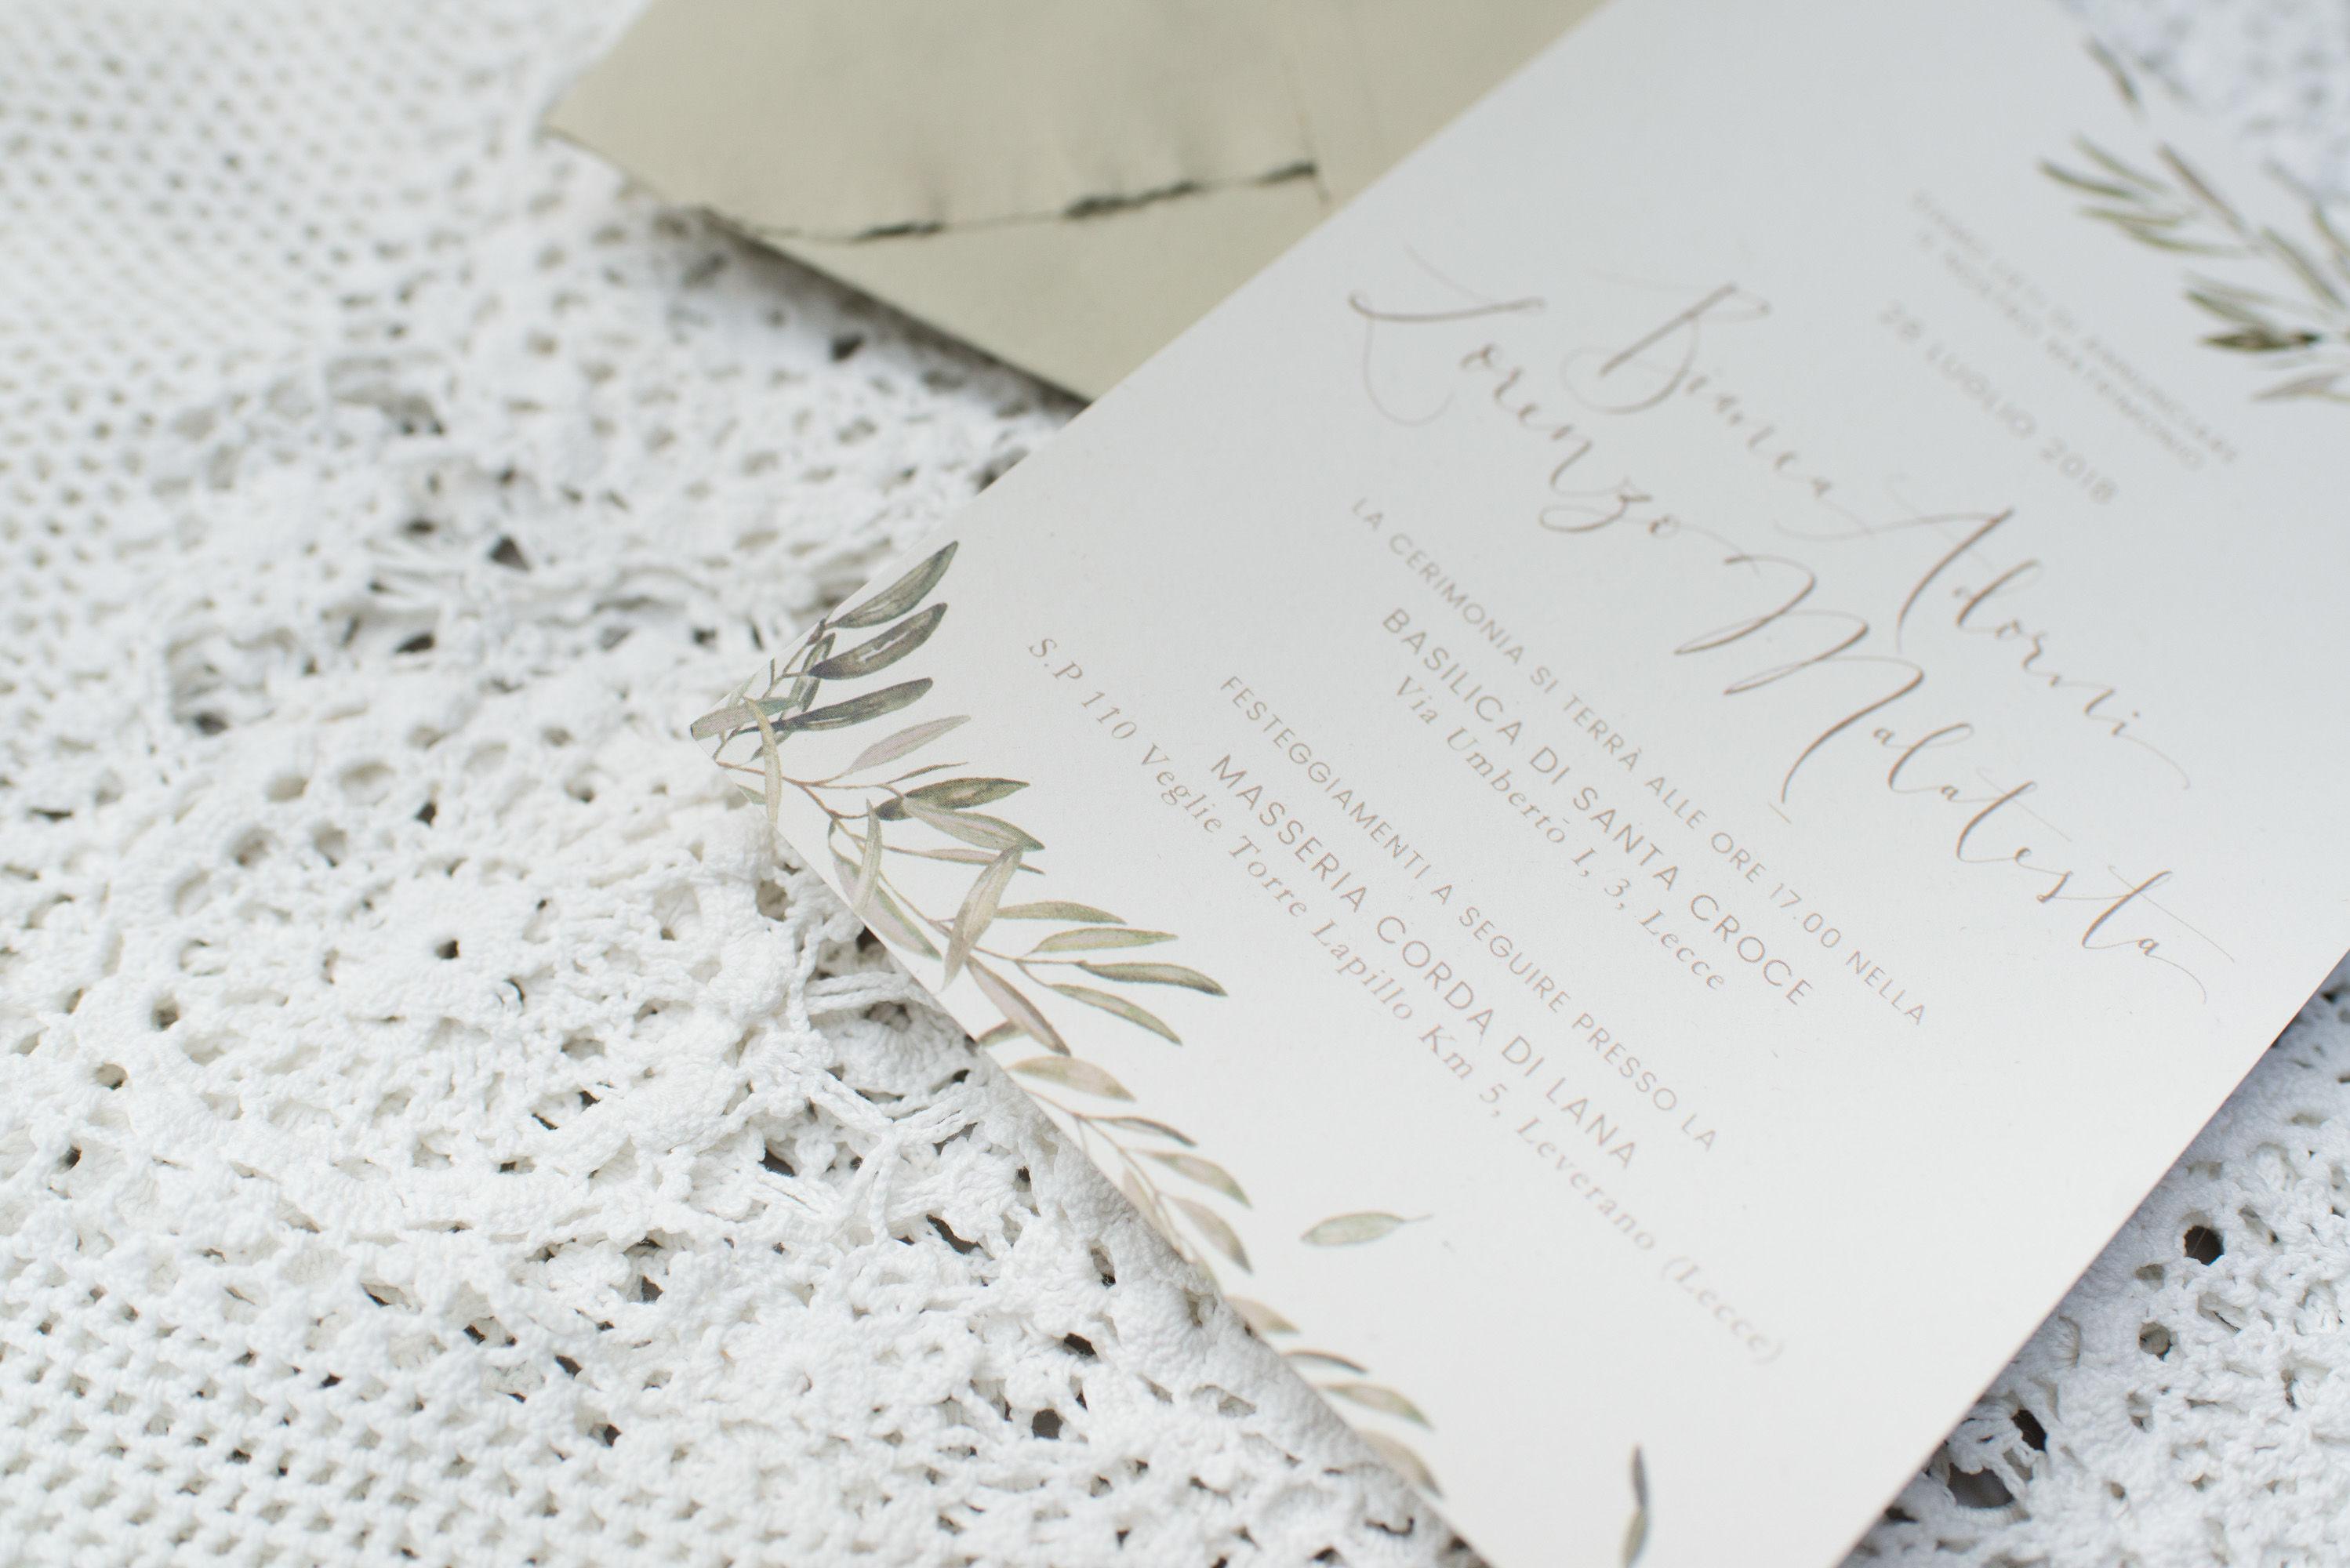 6942a815aa55 inviti-matrimonio-ulivo-partecipazioni-inviti - Studio Alispi